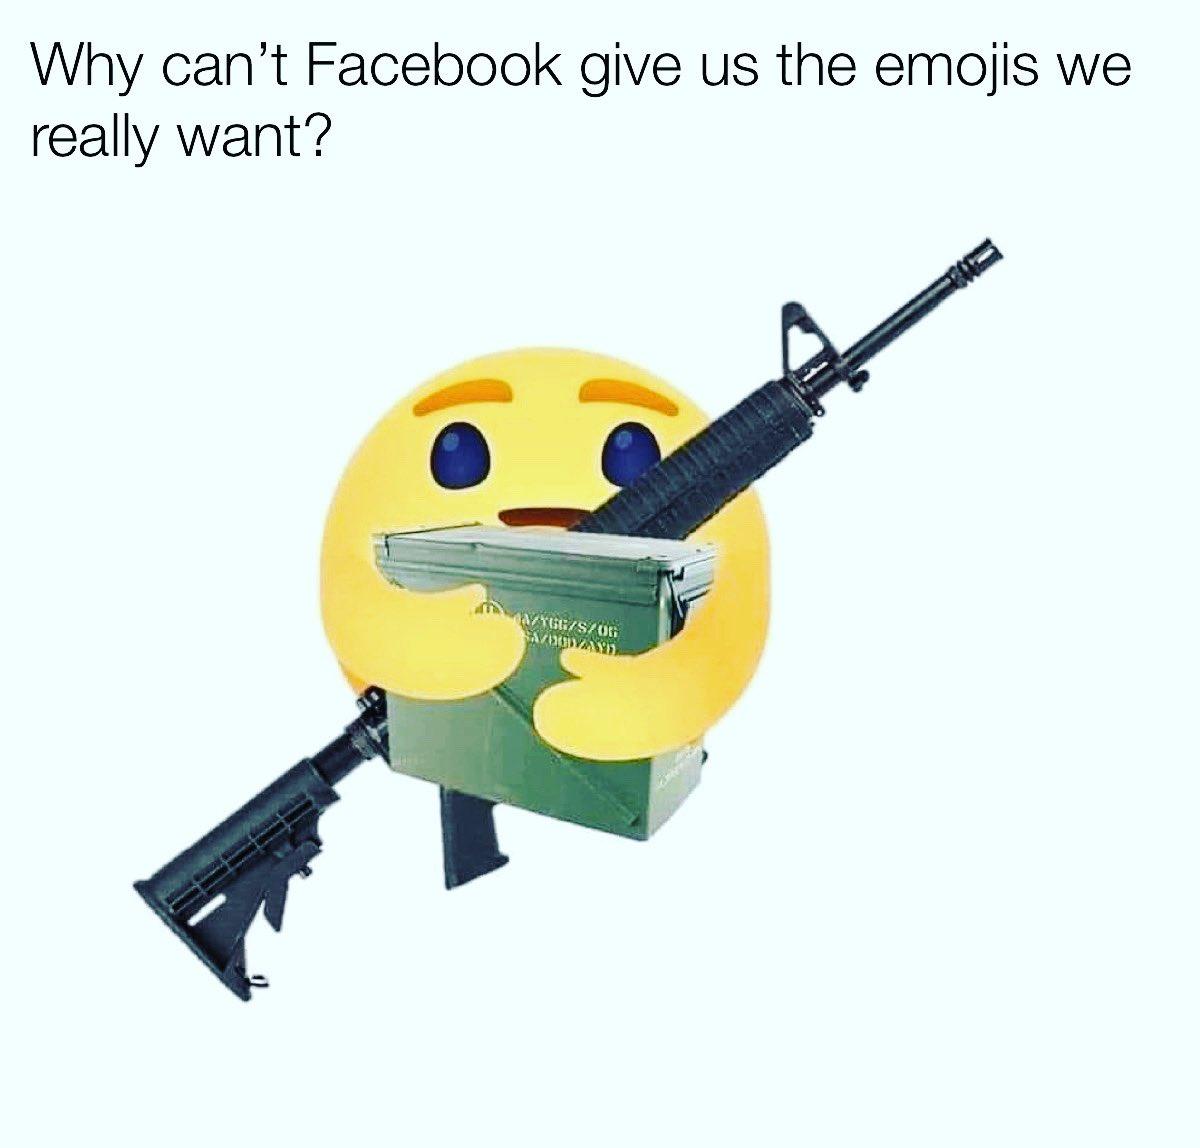 Who loves a good emoji?#memezlab #emoji #guns #gunmemes #memes #meme #memes#memesdaily #dankmemes #memez #memer #memepage #memed #memelife #memestar #memereview #memestagram #memesquad #memeaccount #memelord #memess #memegod #memesrlife #memes4days #memeoftheday #memesterpic.twitter.com/aeiNjB60tM